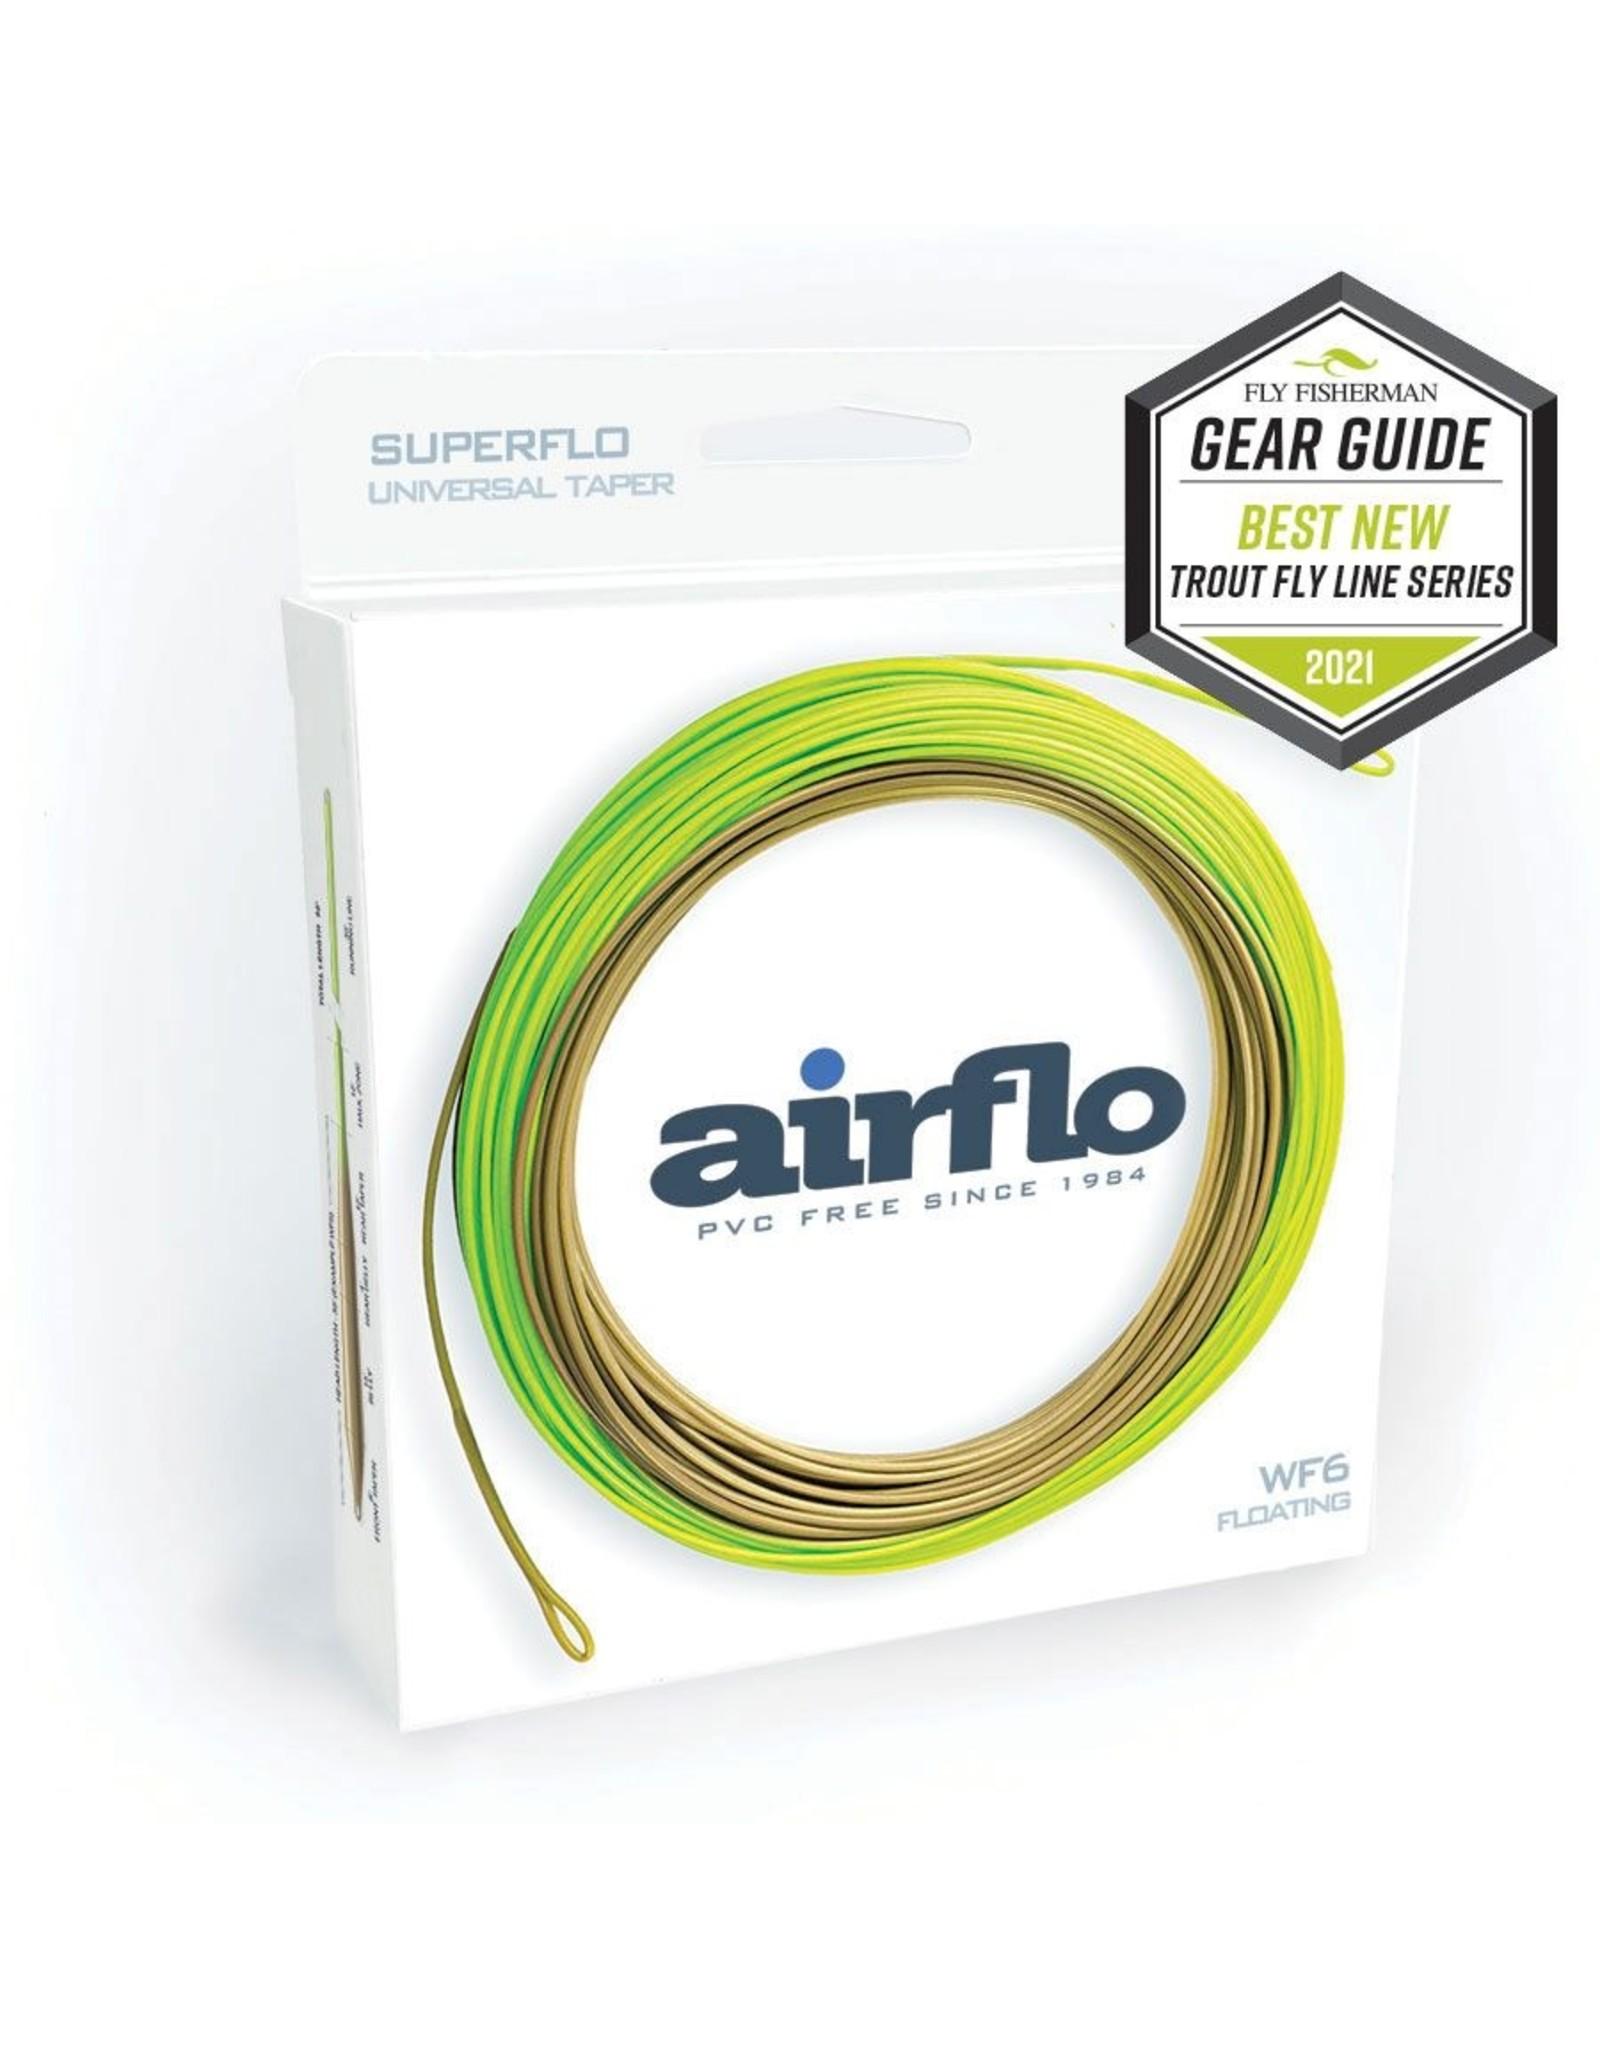 AirFlo Airflo - Superflo Universal Taper Fly Line